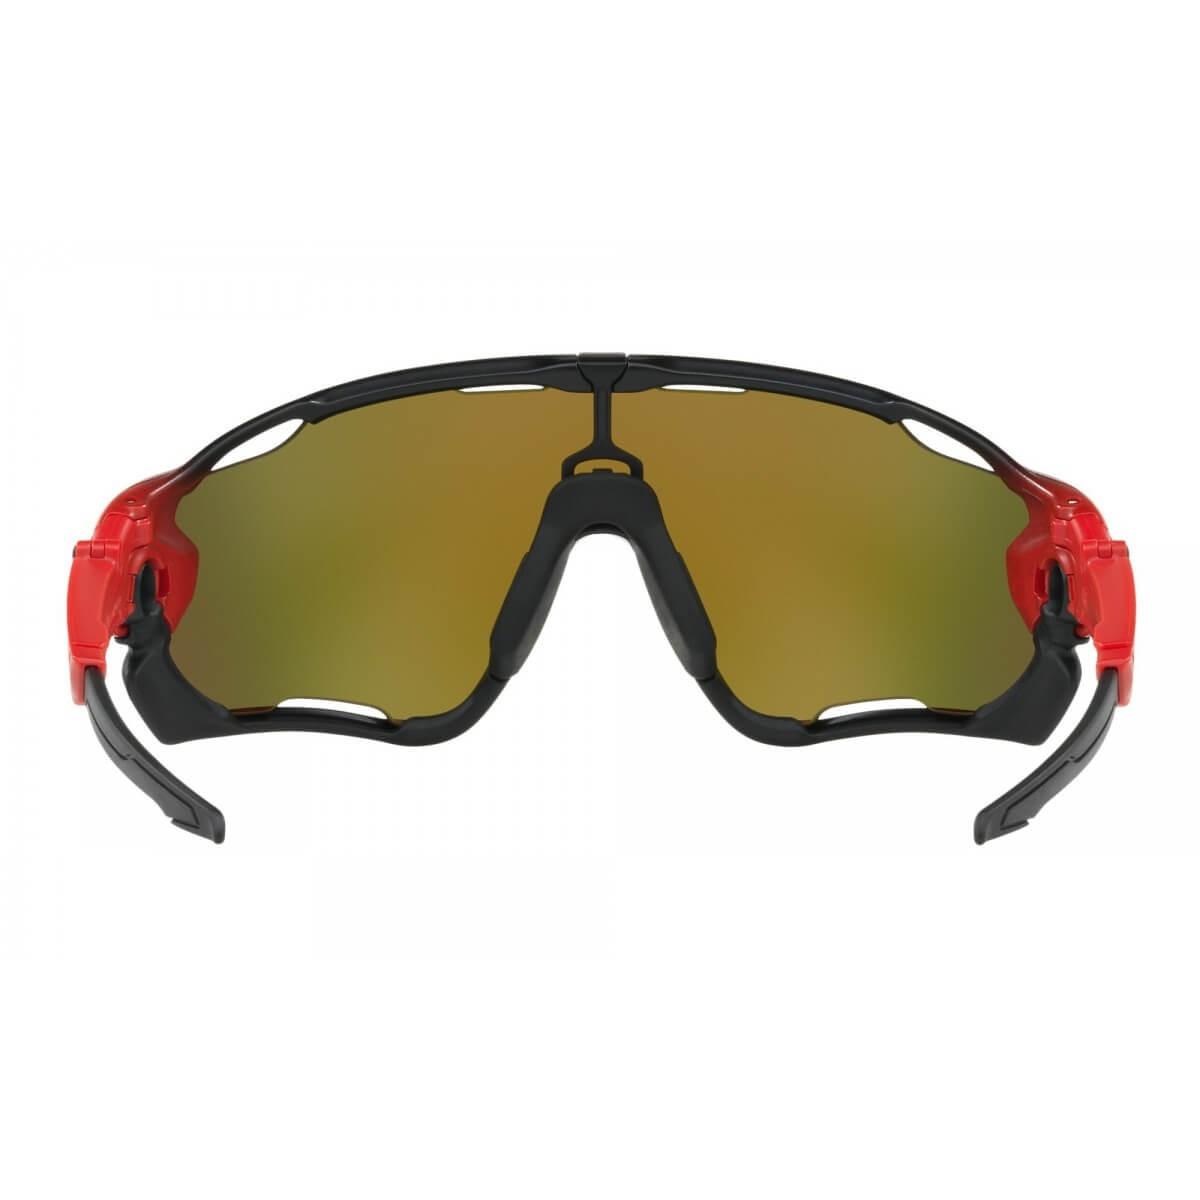 6c12de86808b3 Gafas ciclismo Oakley Jawbreaker Ruby Fade Lente Prizm Ruby - 365 Rider